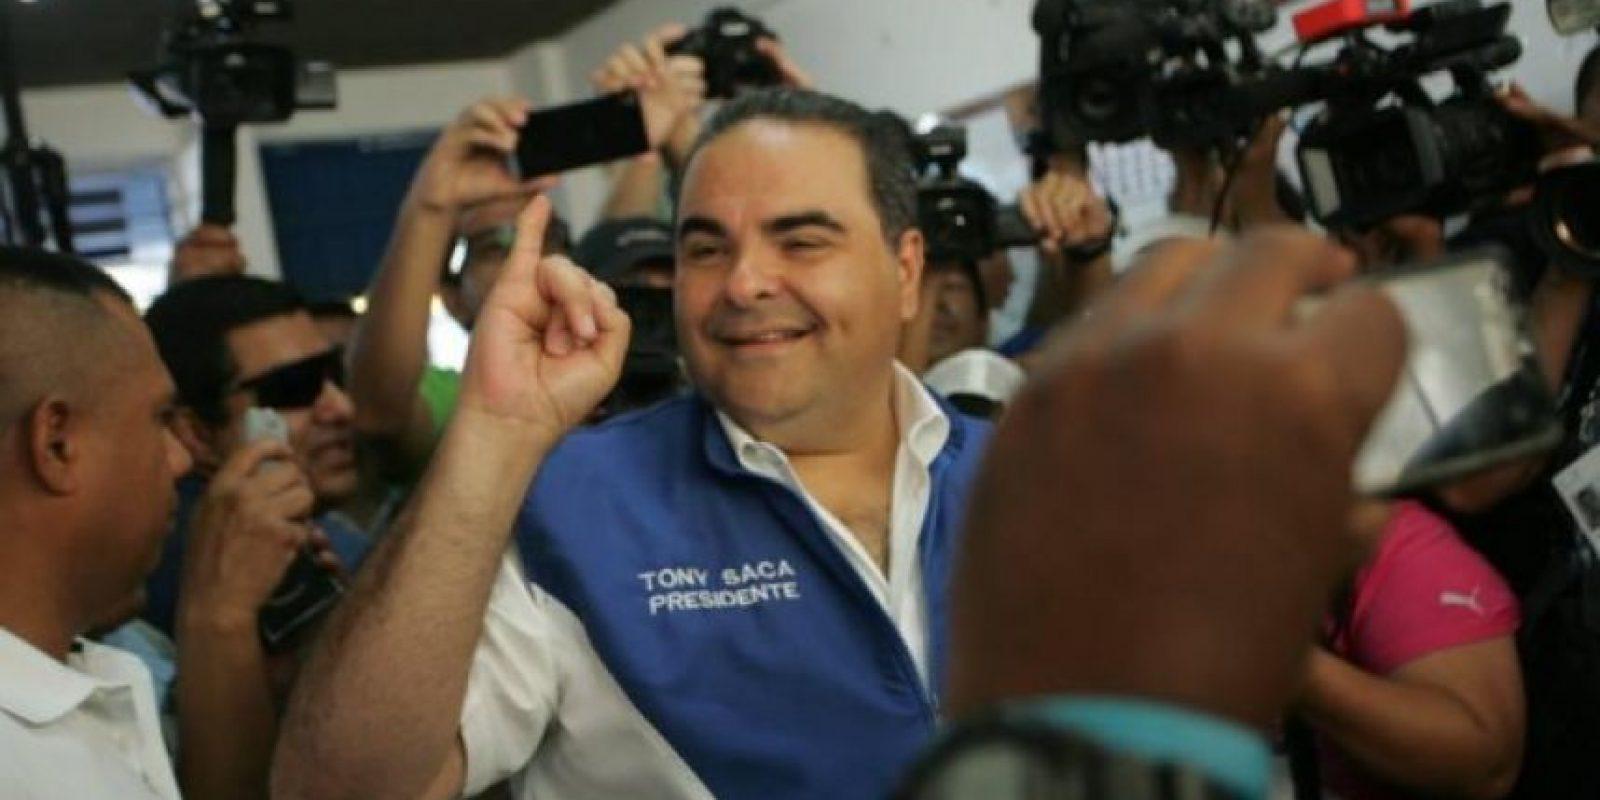 Antonio Saca, candidato por la coalición Unidad, expresidente de El Salvador, busca la reelección. Foto:Facebook Tony Saca